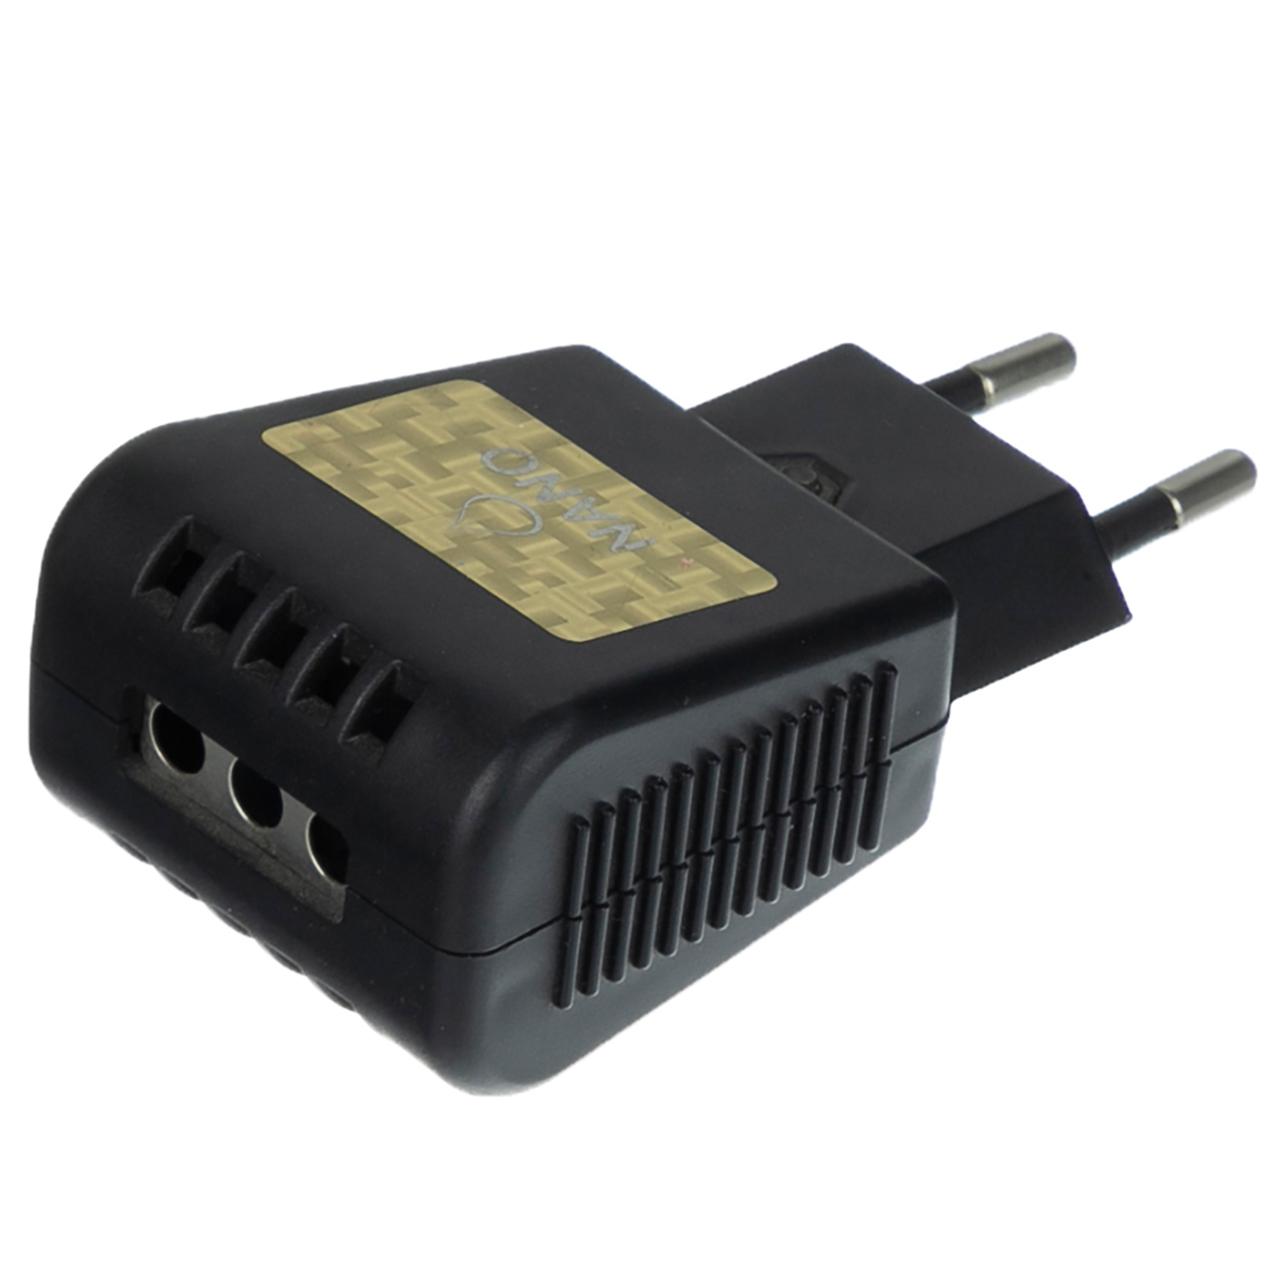 دستگاه تصفیه کننده هوا زیلو مدل Nano